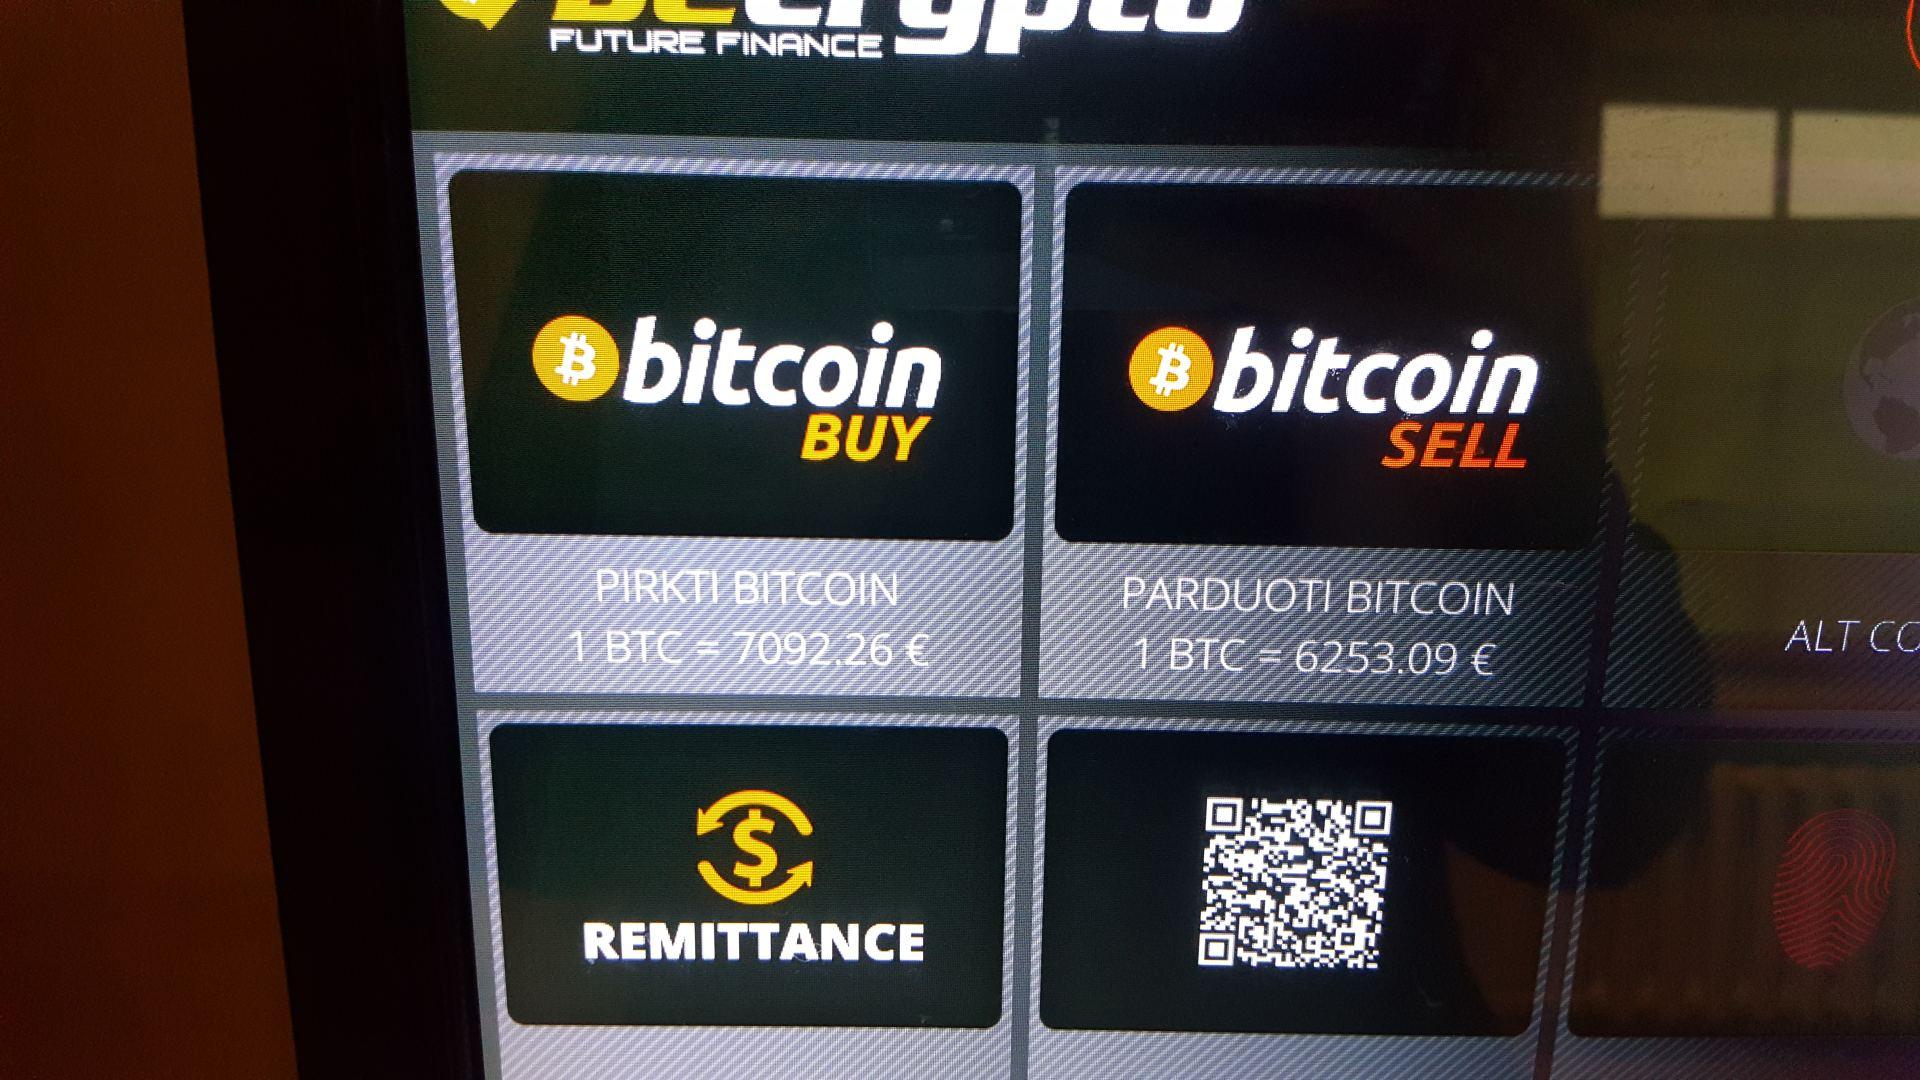 pelningiausias bitkoinų pasiūlymas naujienų įtaka dvejetainiams opcionams